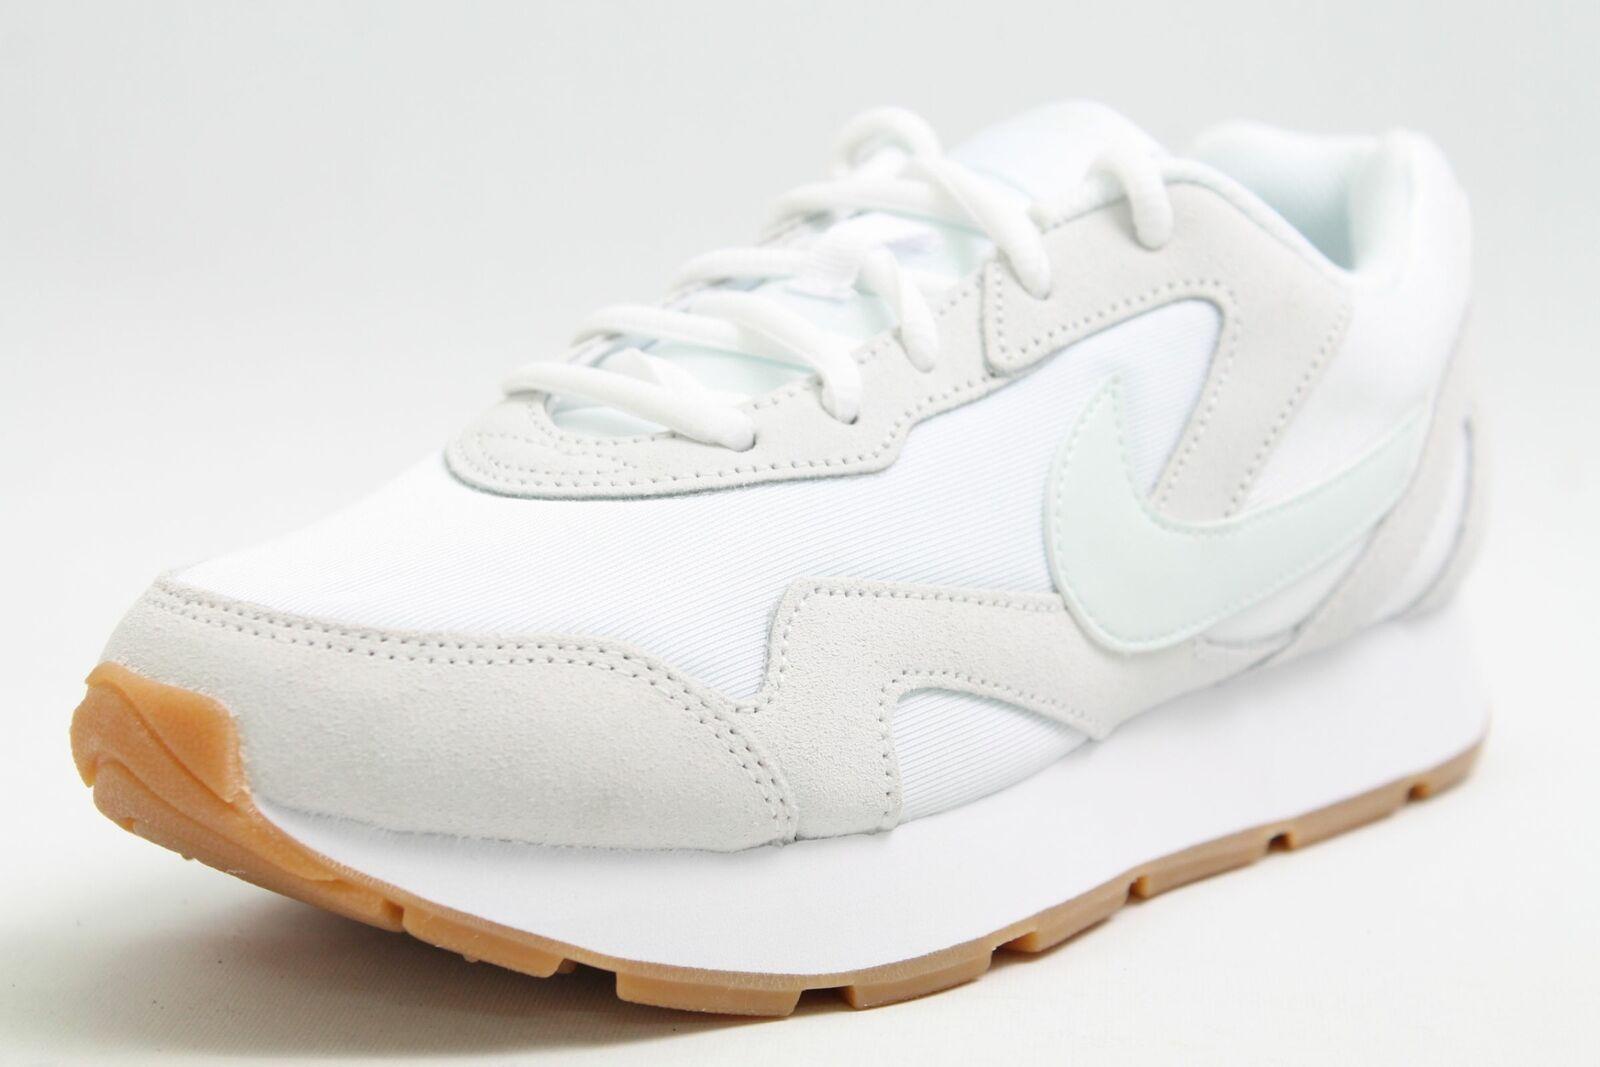 Zapatillas nike cuero blancoo combinado de malla transpirable Sportiv cortos señora